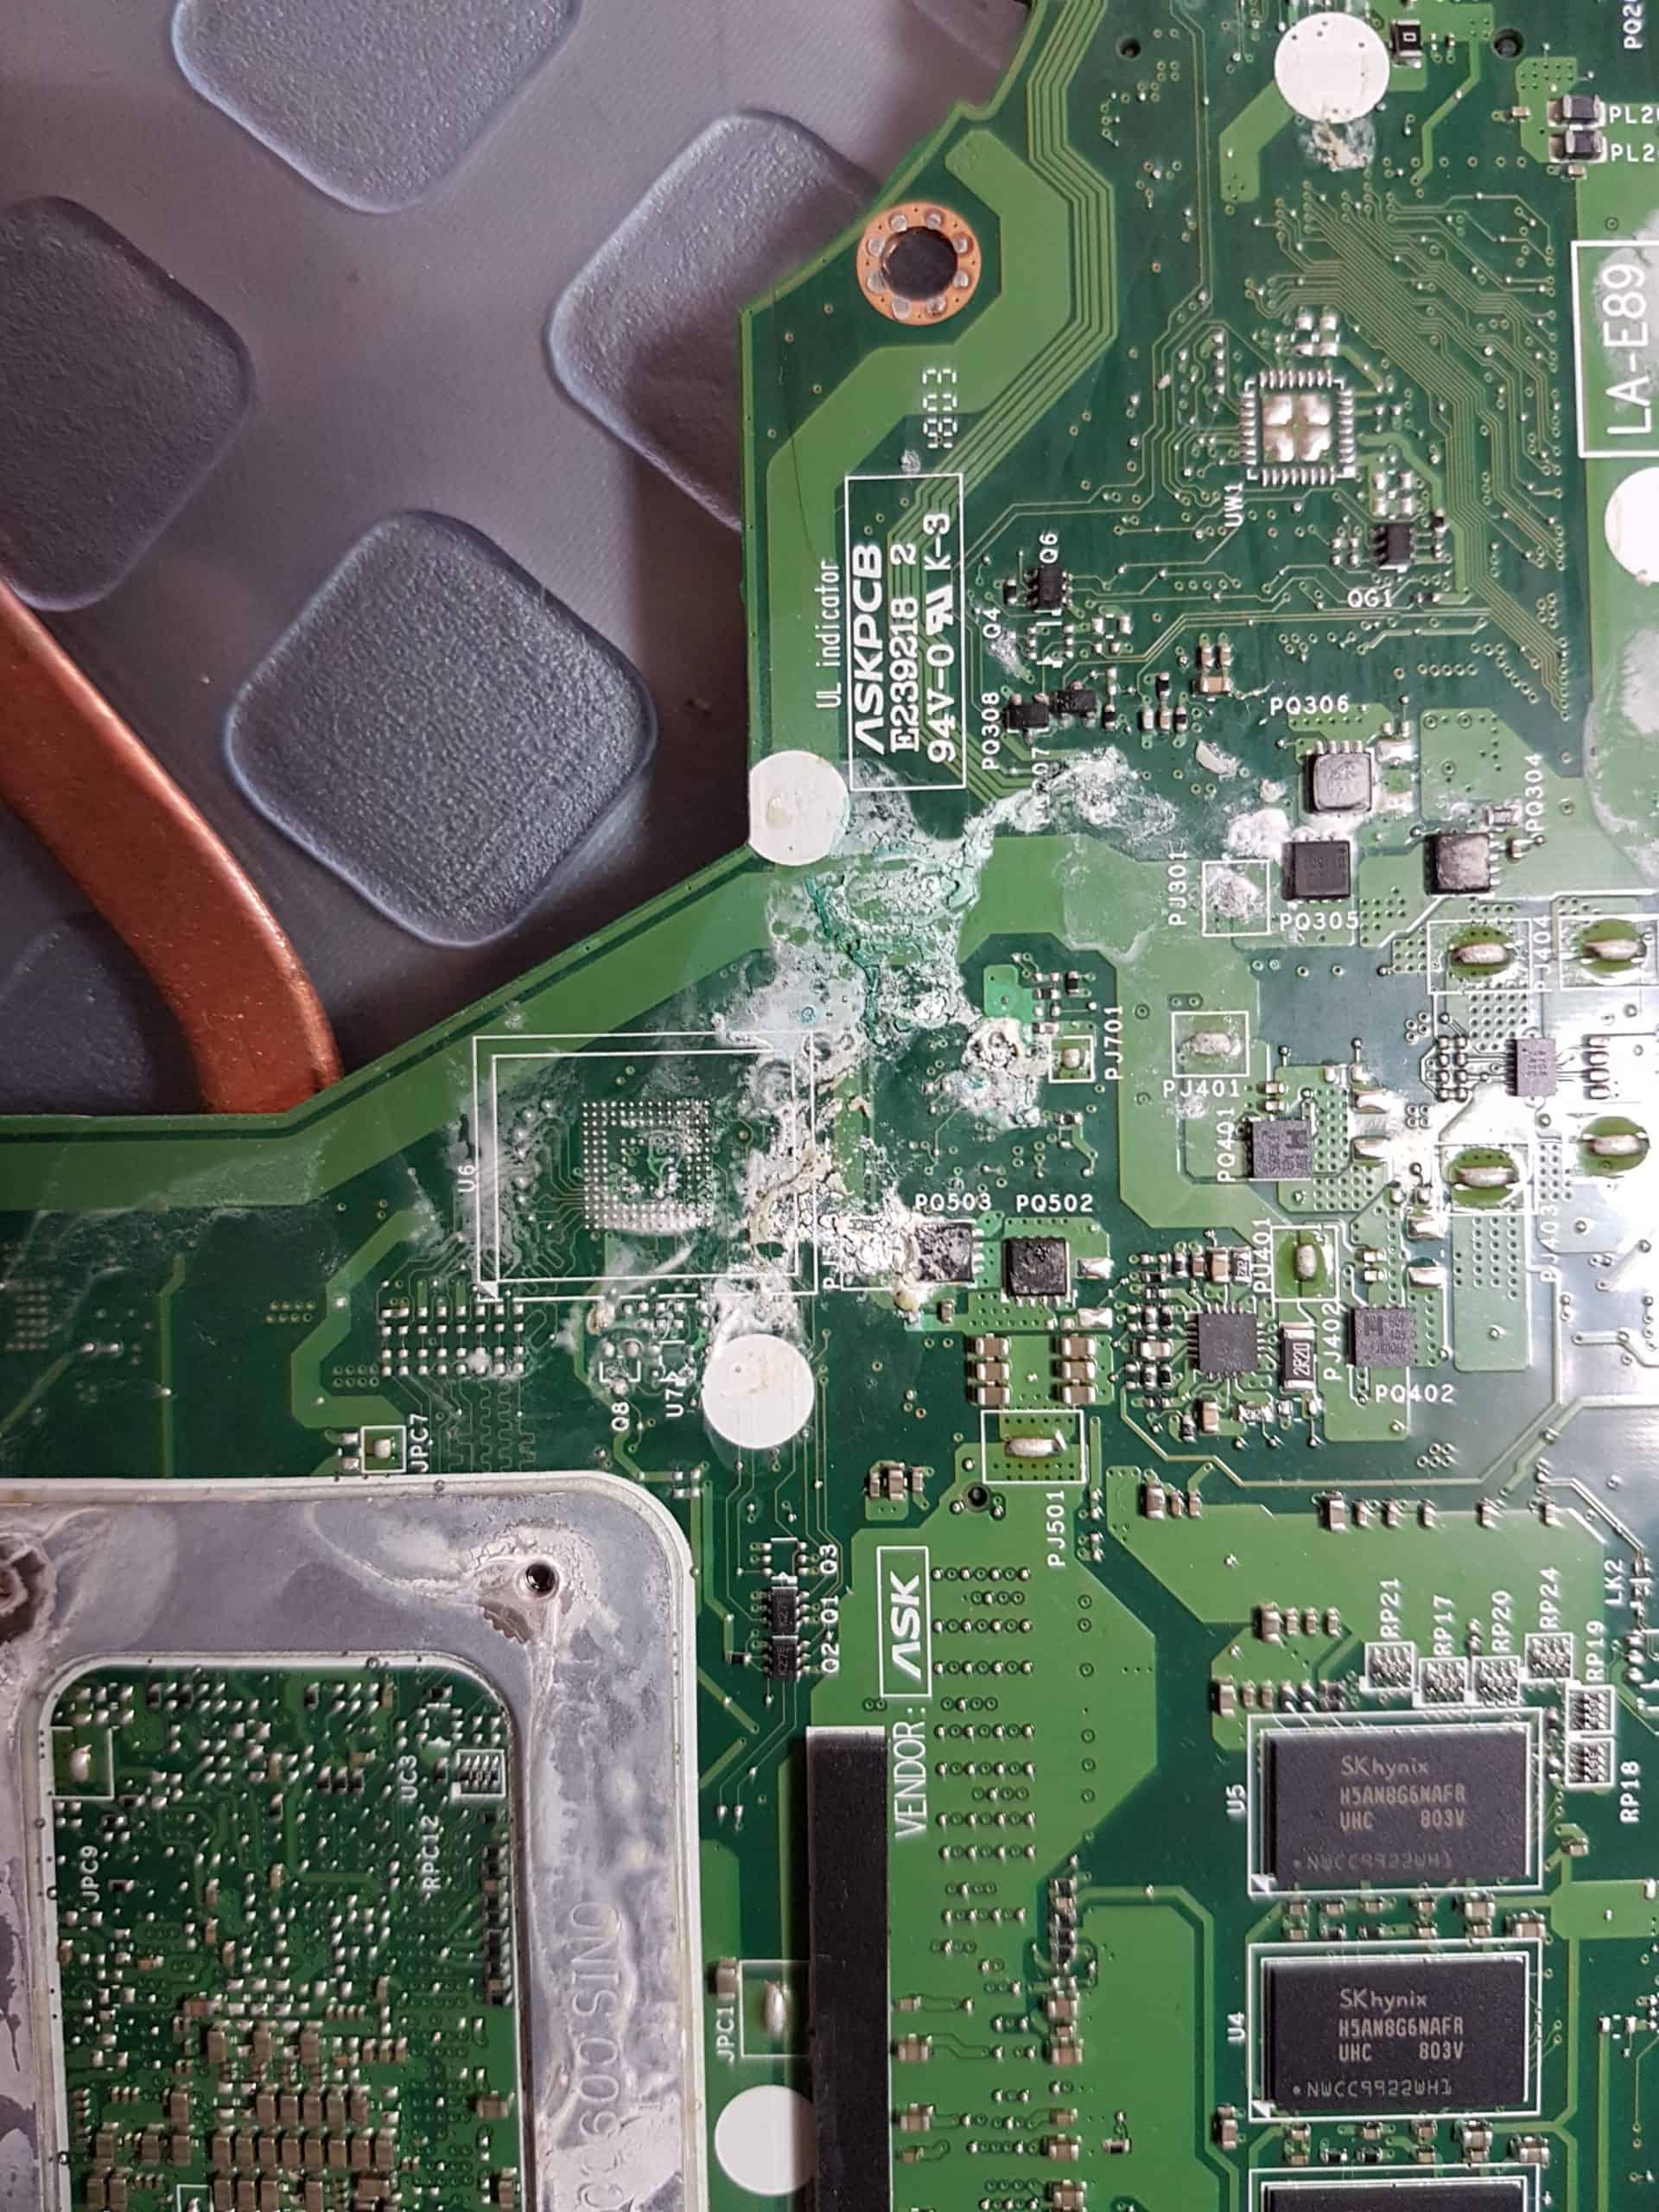 Motherboard en cortocircuito por derrame de líquido y lista para recibir un lavado para quitar impurezas